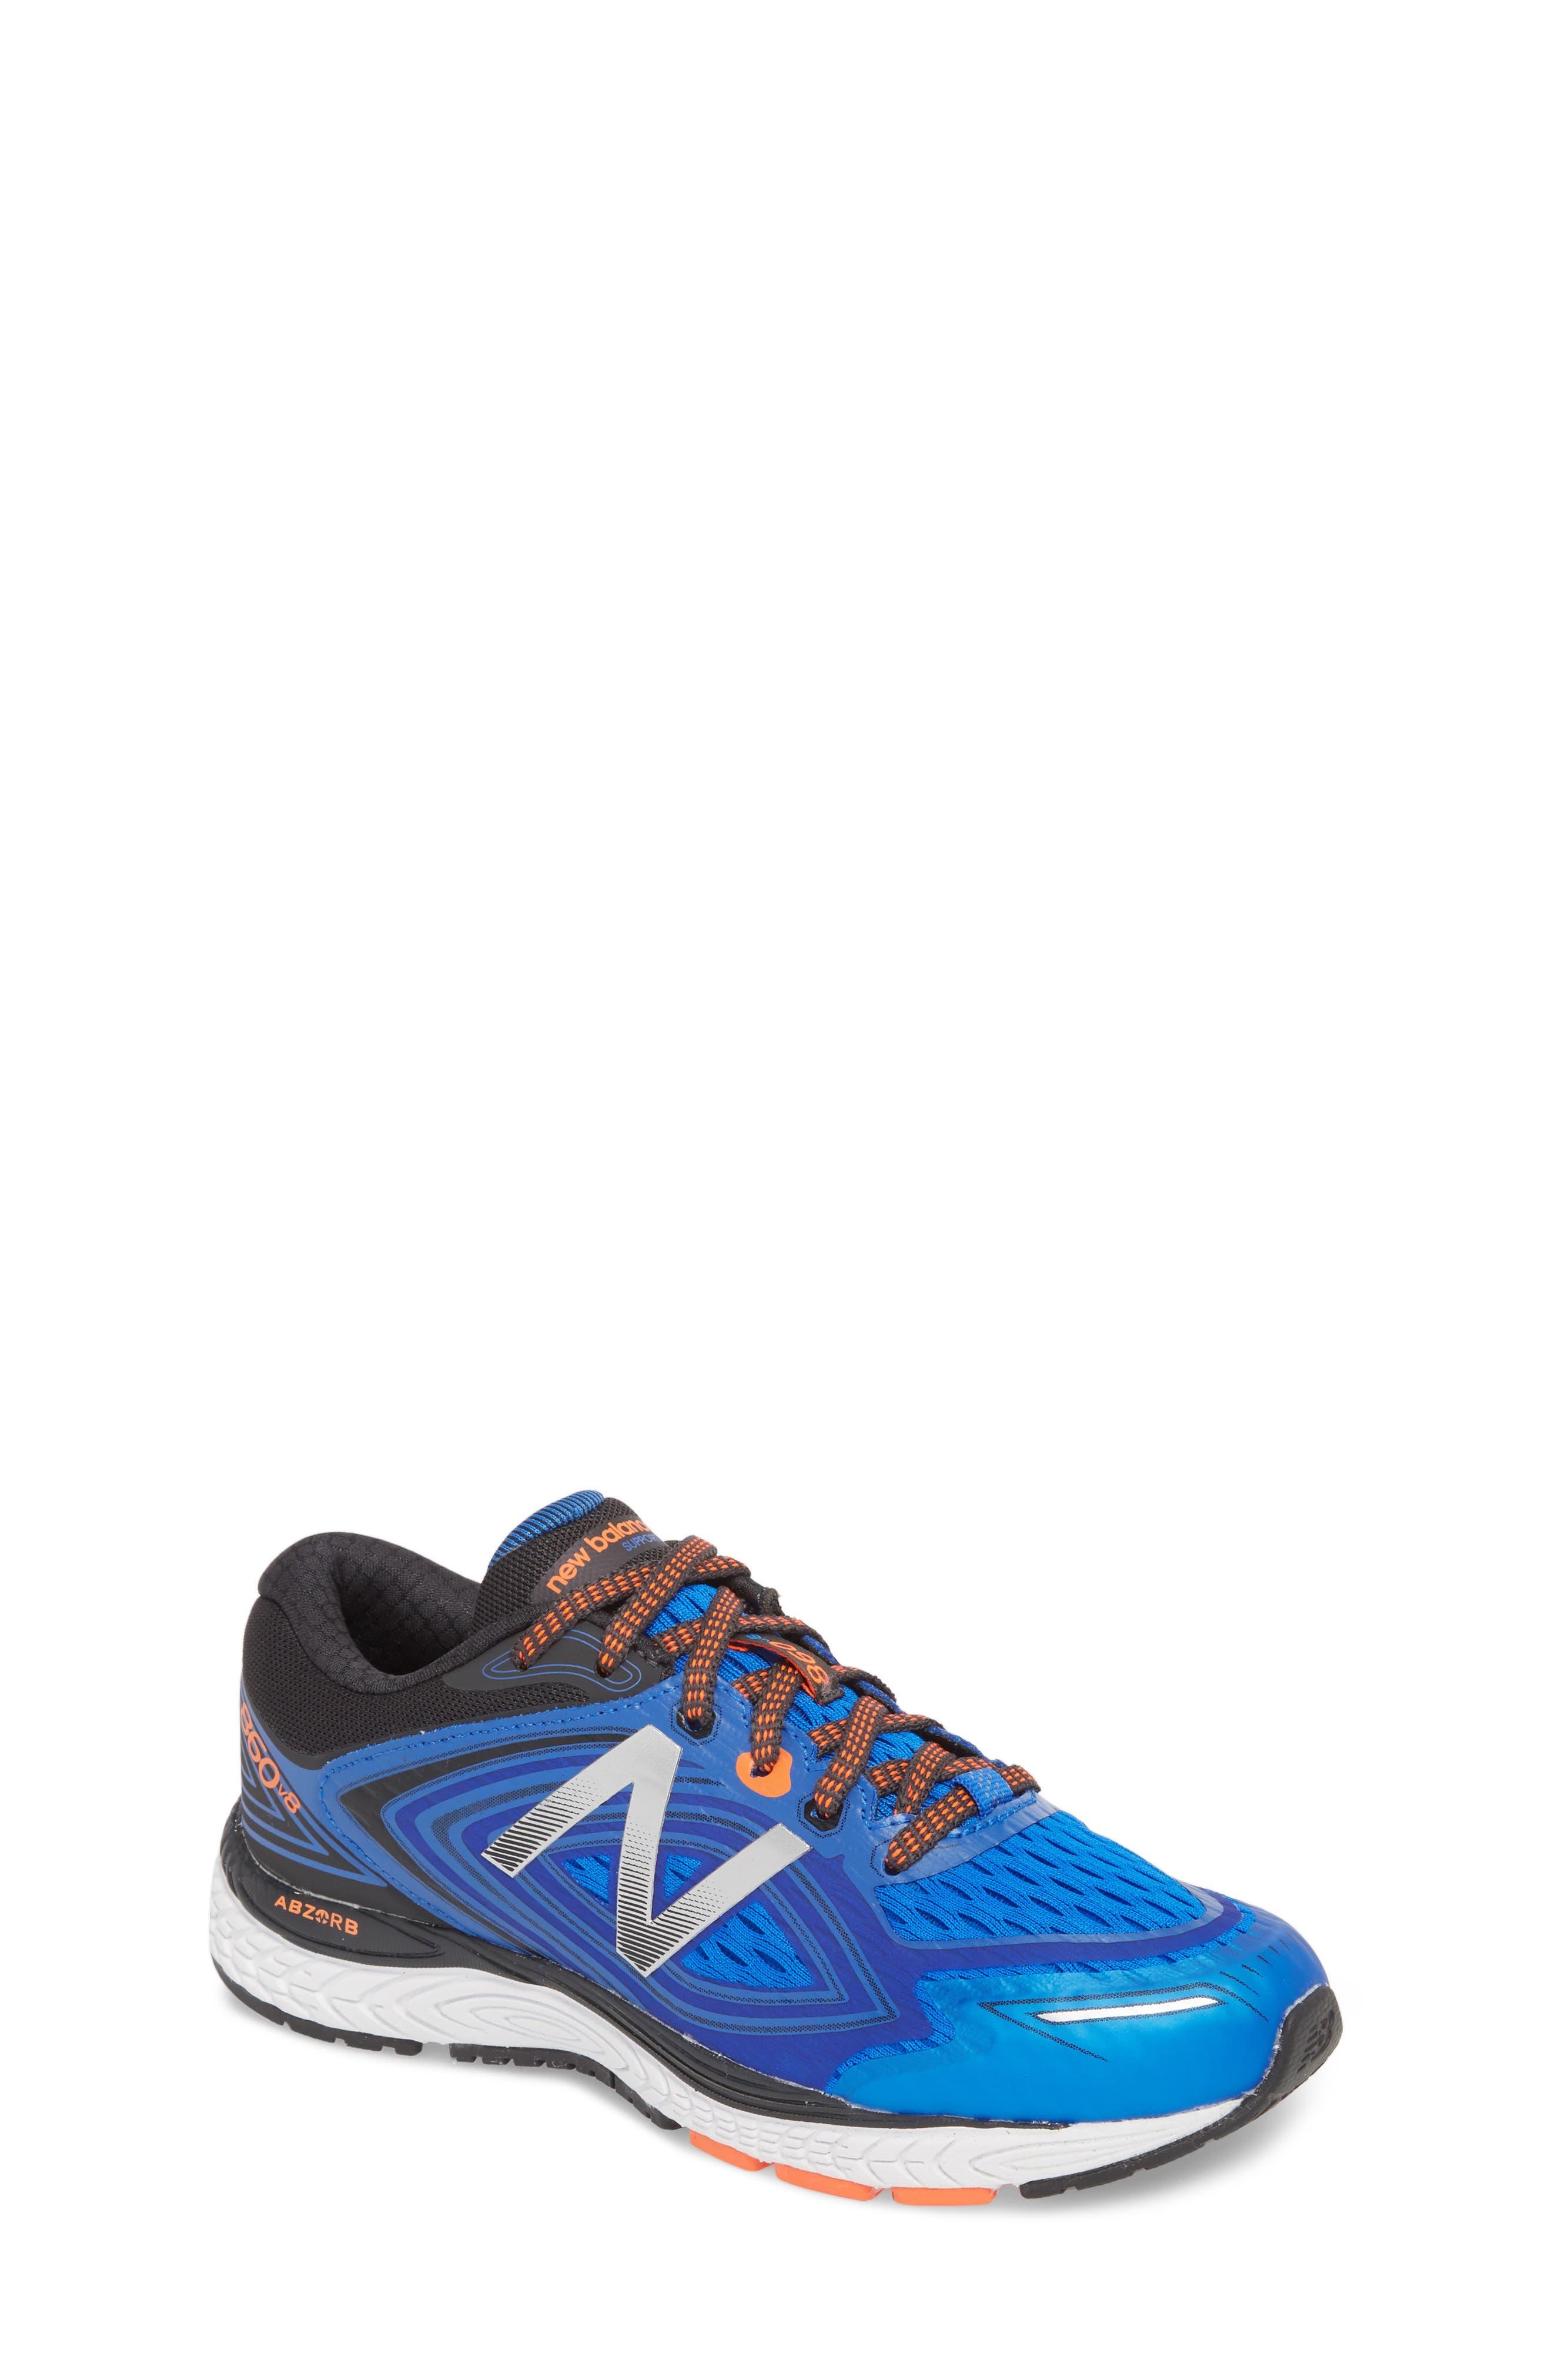 860v8 Sneaker,                         Main,                         color, Navy/ Grey